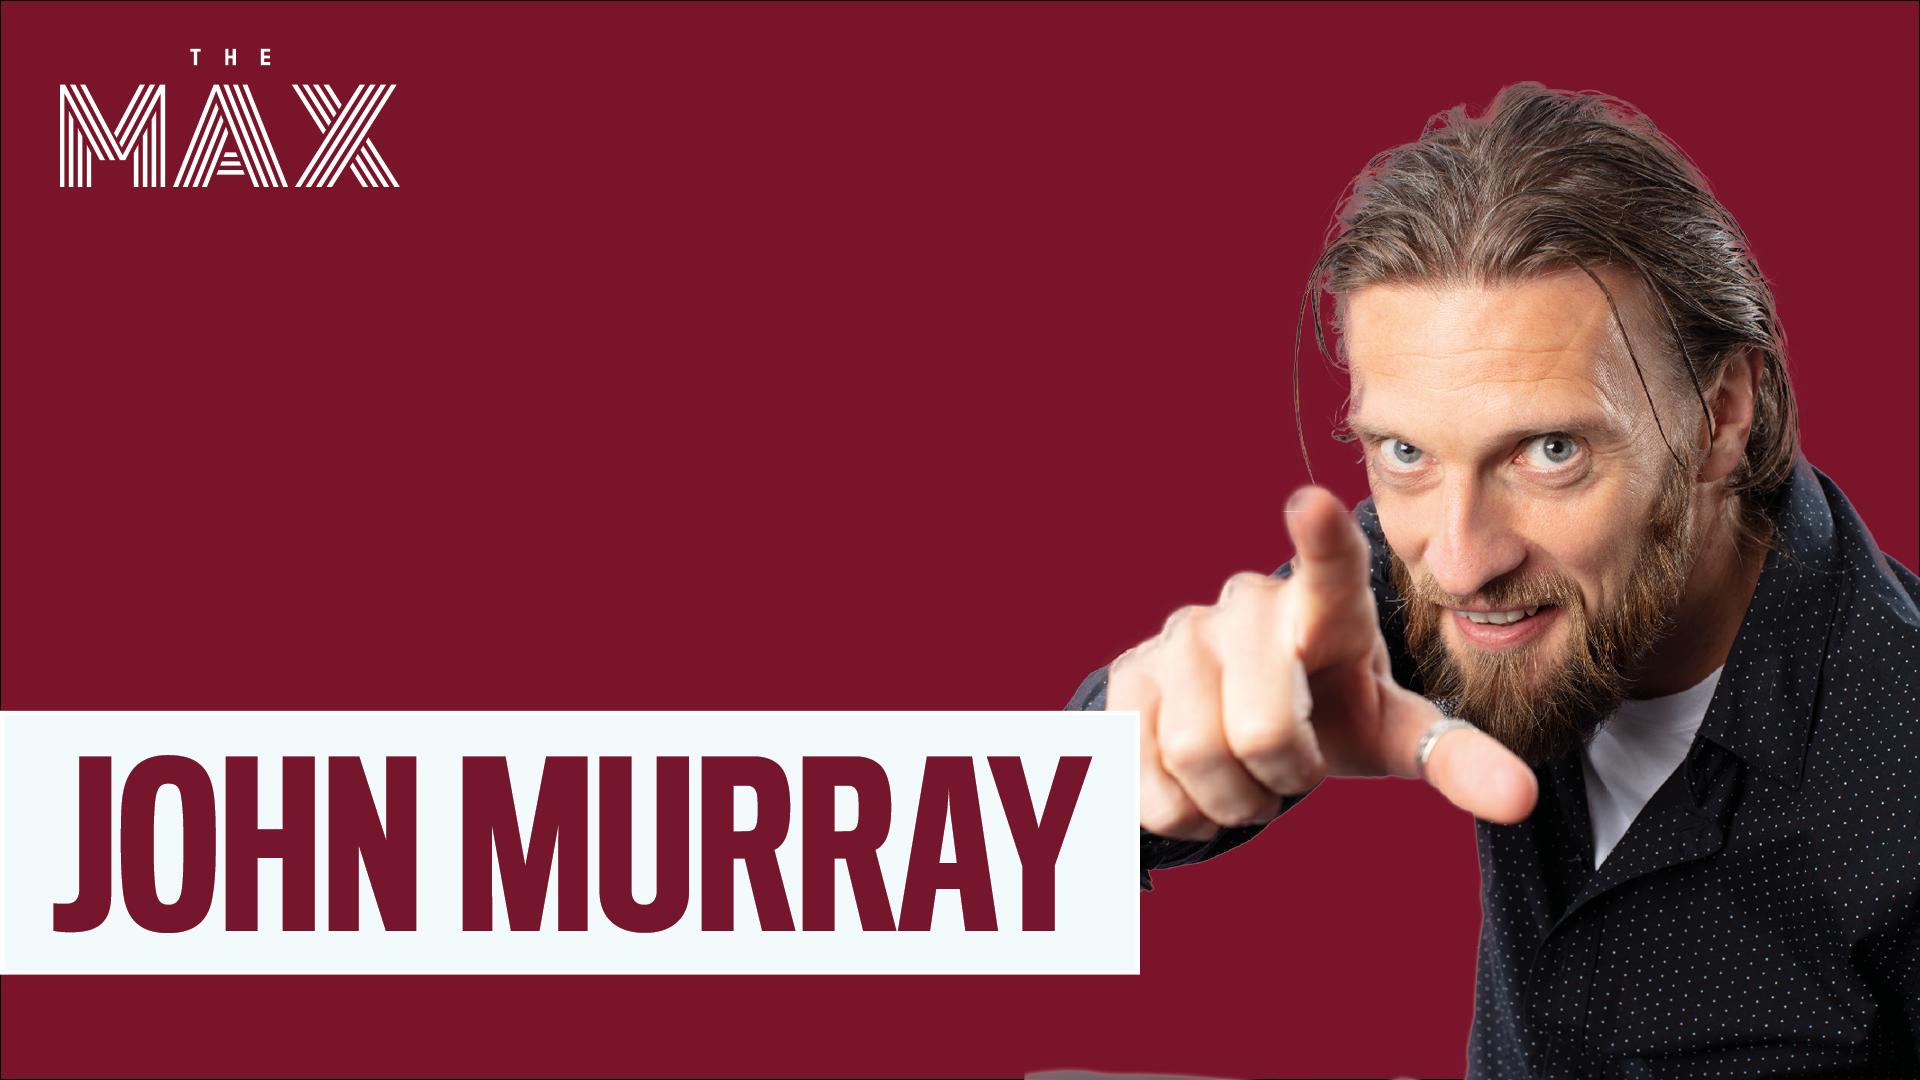 John Murray